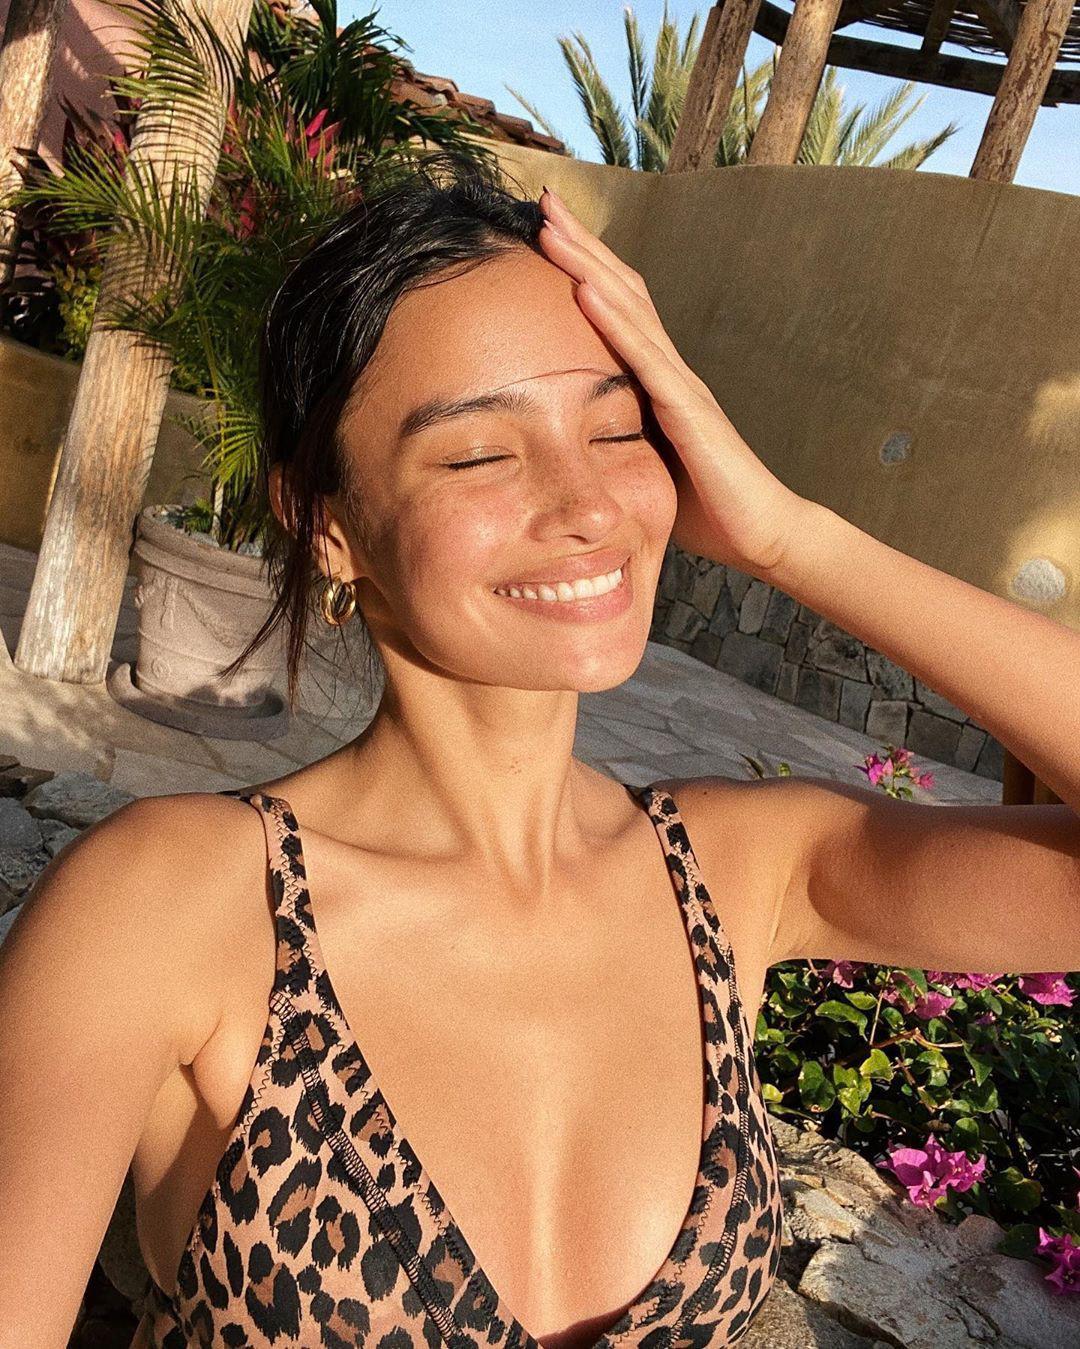 Ảnh bikini tôn thân hình tuyệt mỹ của người mẫu Kelsey Merritt Ảnh 8